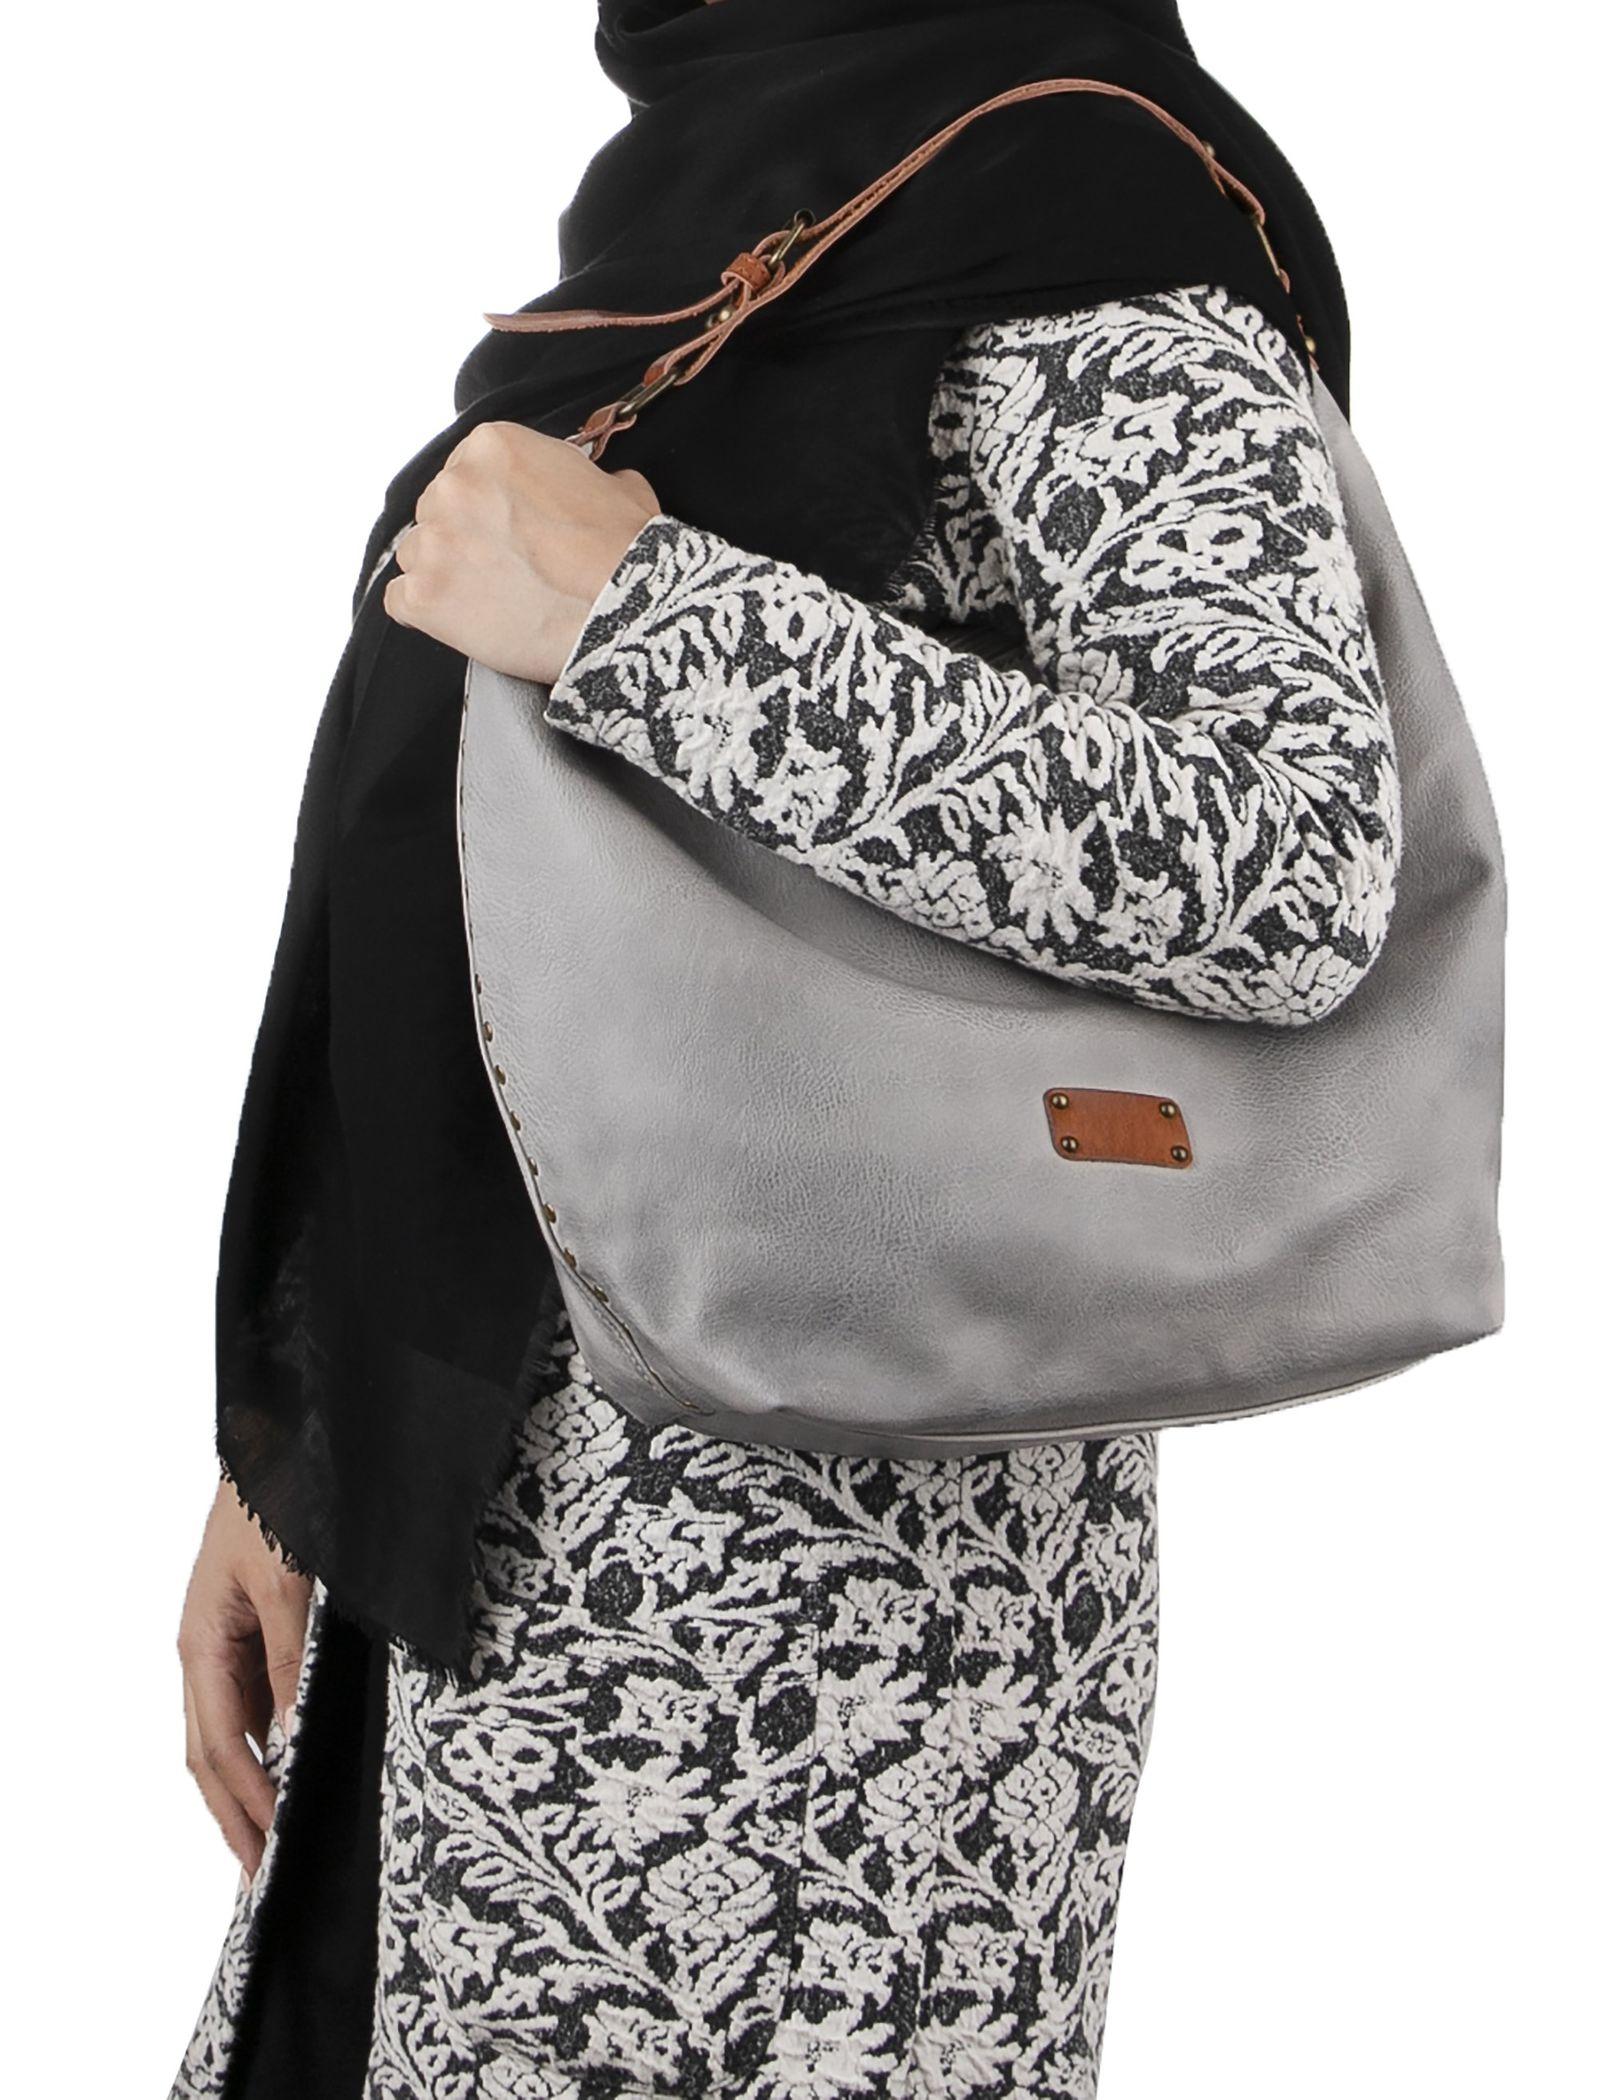 کیف دوشی روزمره زنانه - دادلین تک سایز - طوسي - 2